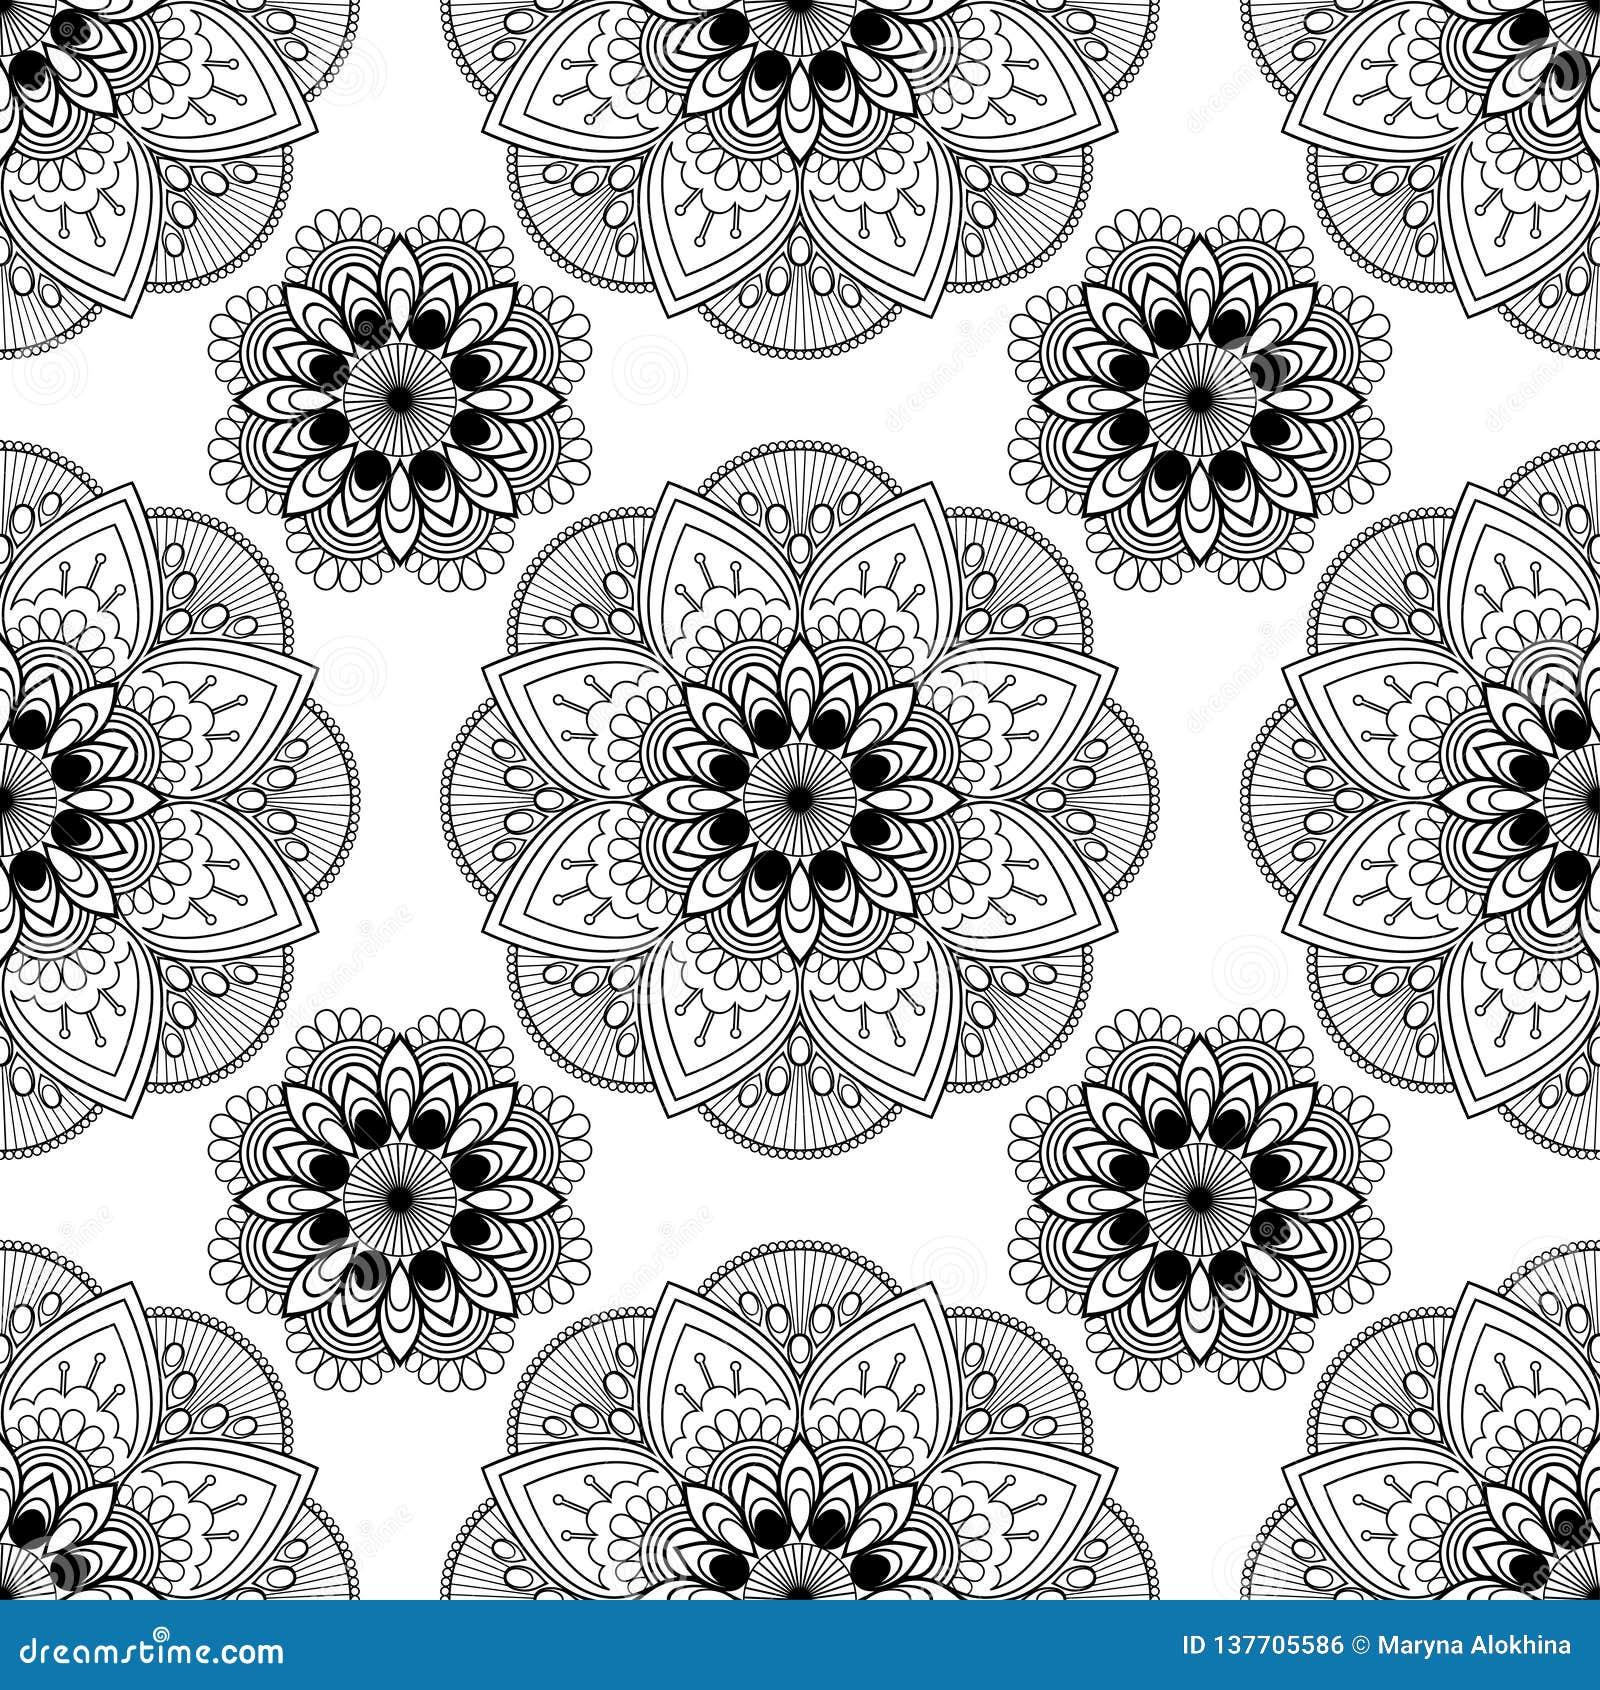 Naadloze achtergrond met butadecoratie van de mehndi bloemenhenna op witte achtergrond in Indische stijl